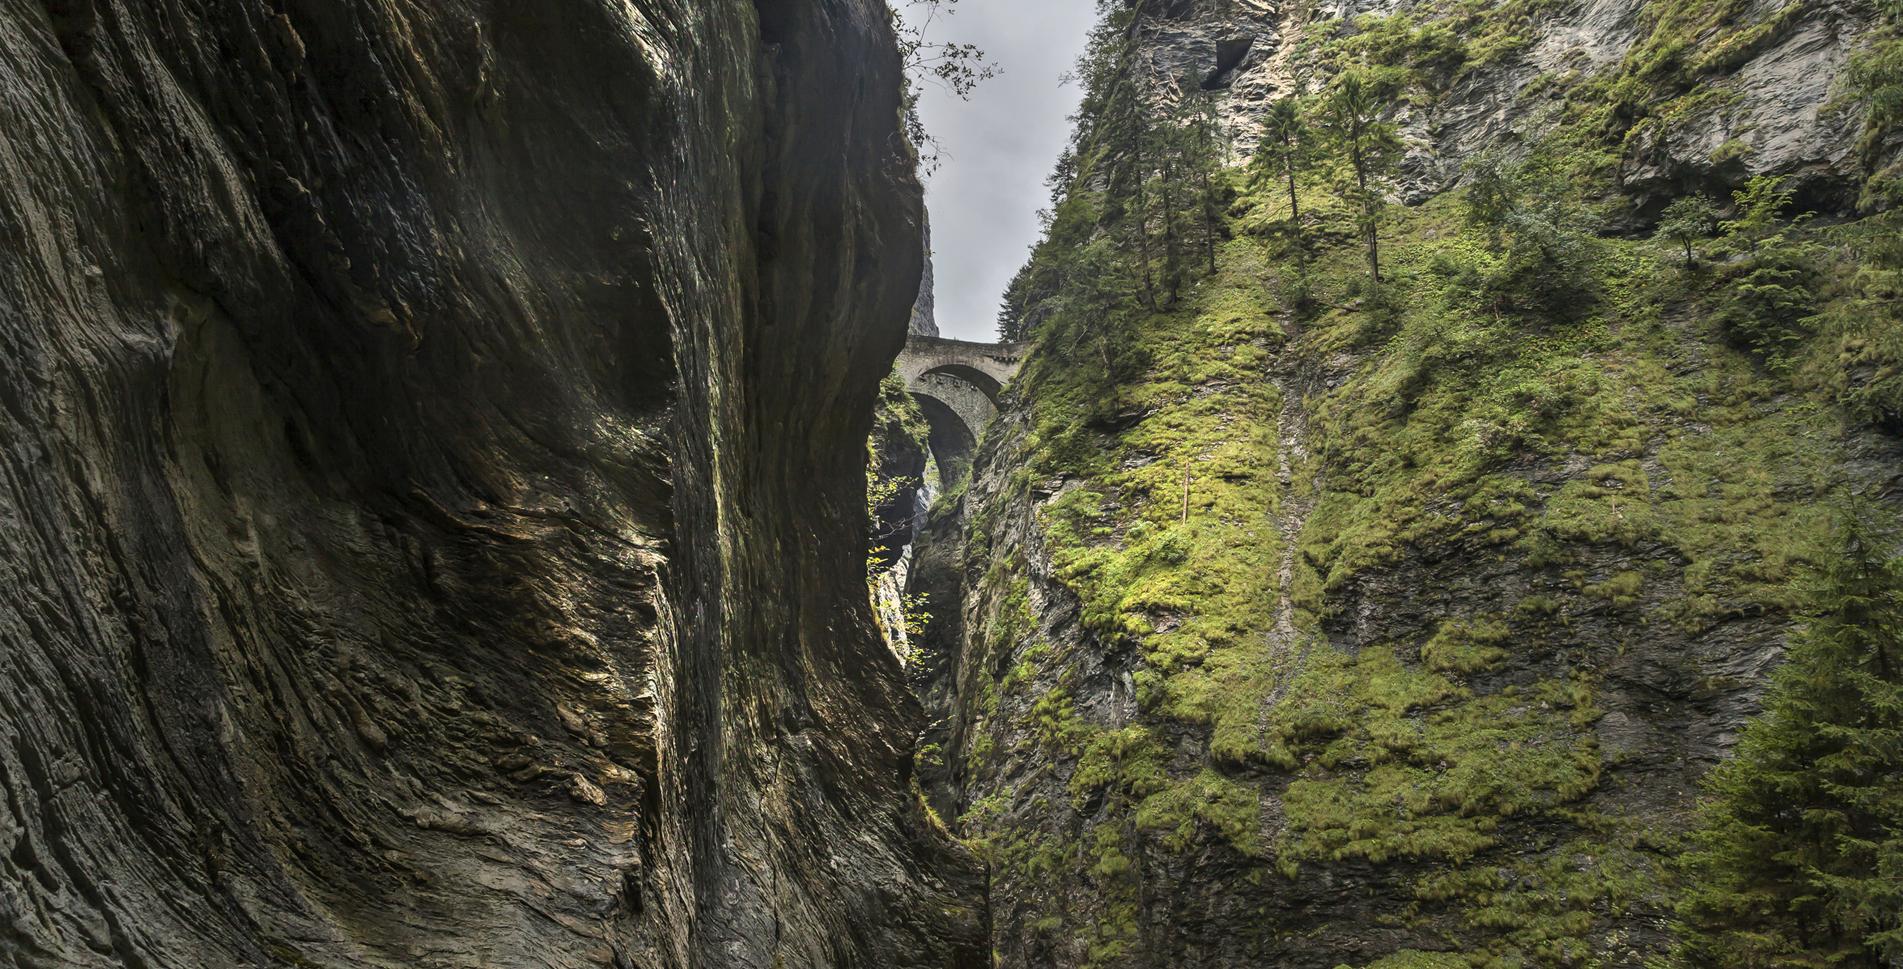 Wanderung von Thusis via Hohenrätien, Traversiner Tobel / Traversiner-Steg, zur Viamala / Viamala-Schlucht / Viamala Schlucht und über Punt da Suransuns, Davos Segn, Reichen nach Zillis